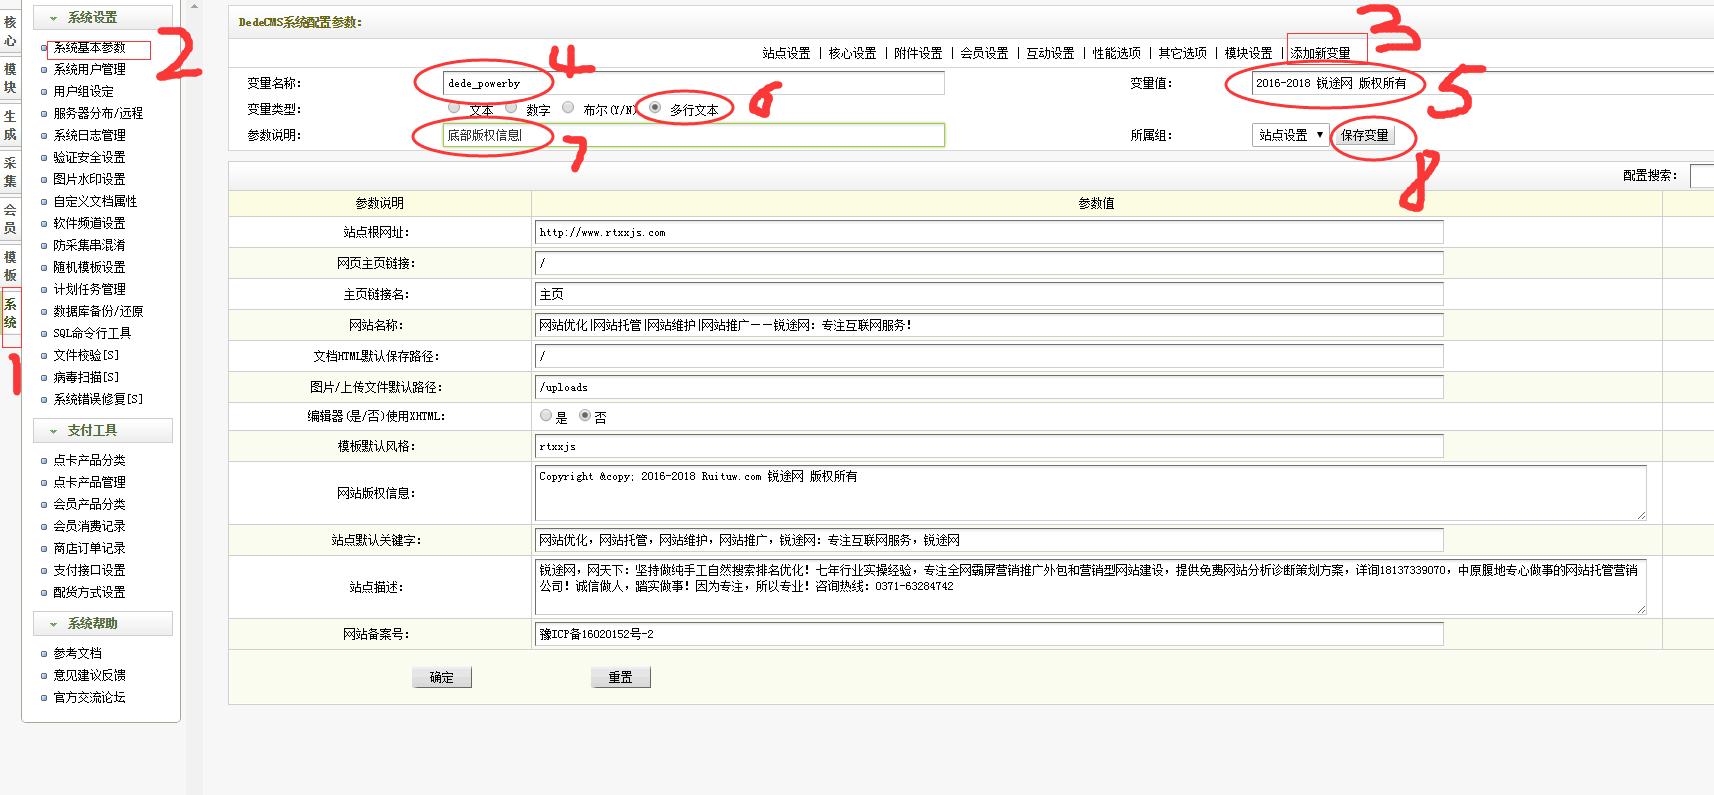 织梦底部版权信息中的Power by DedeCms如何去除和更改/修改